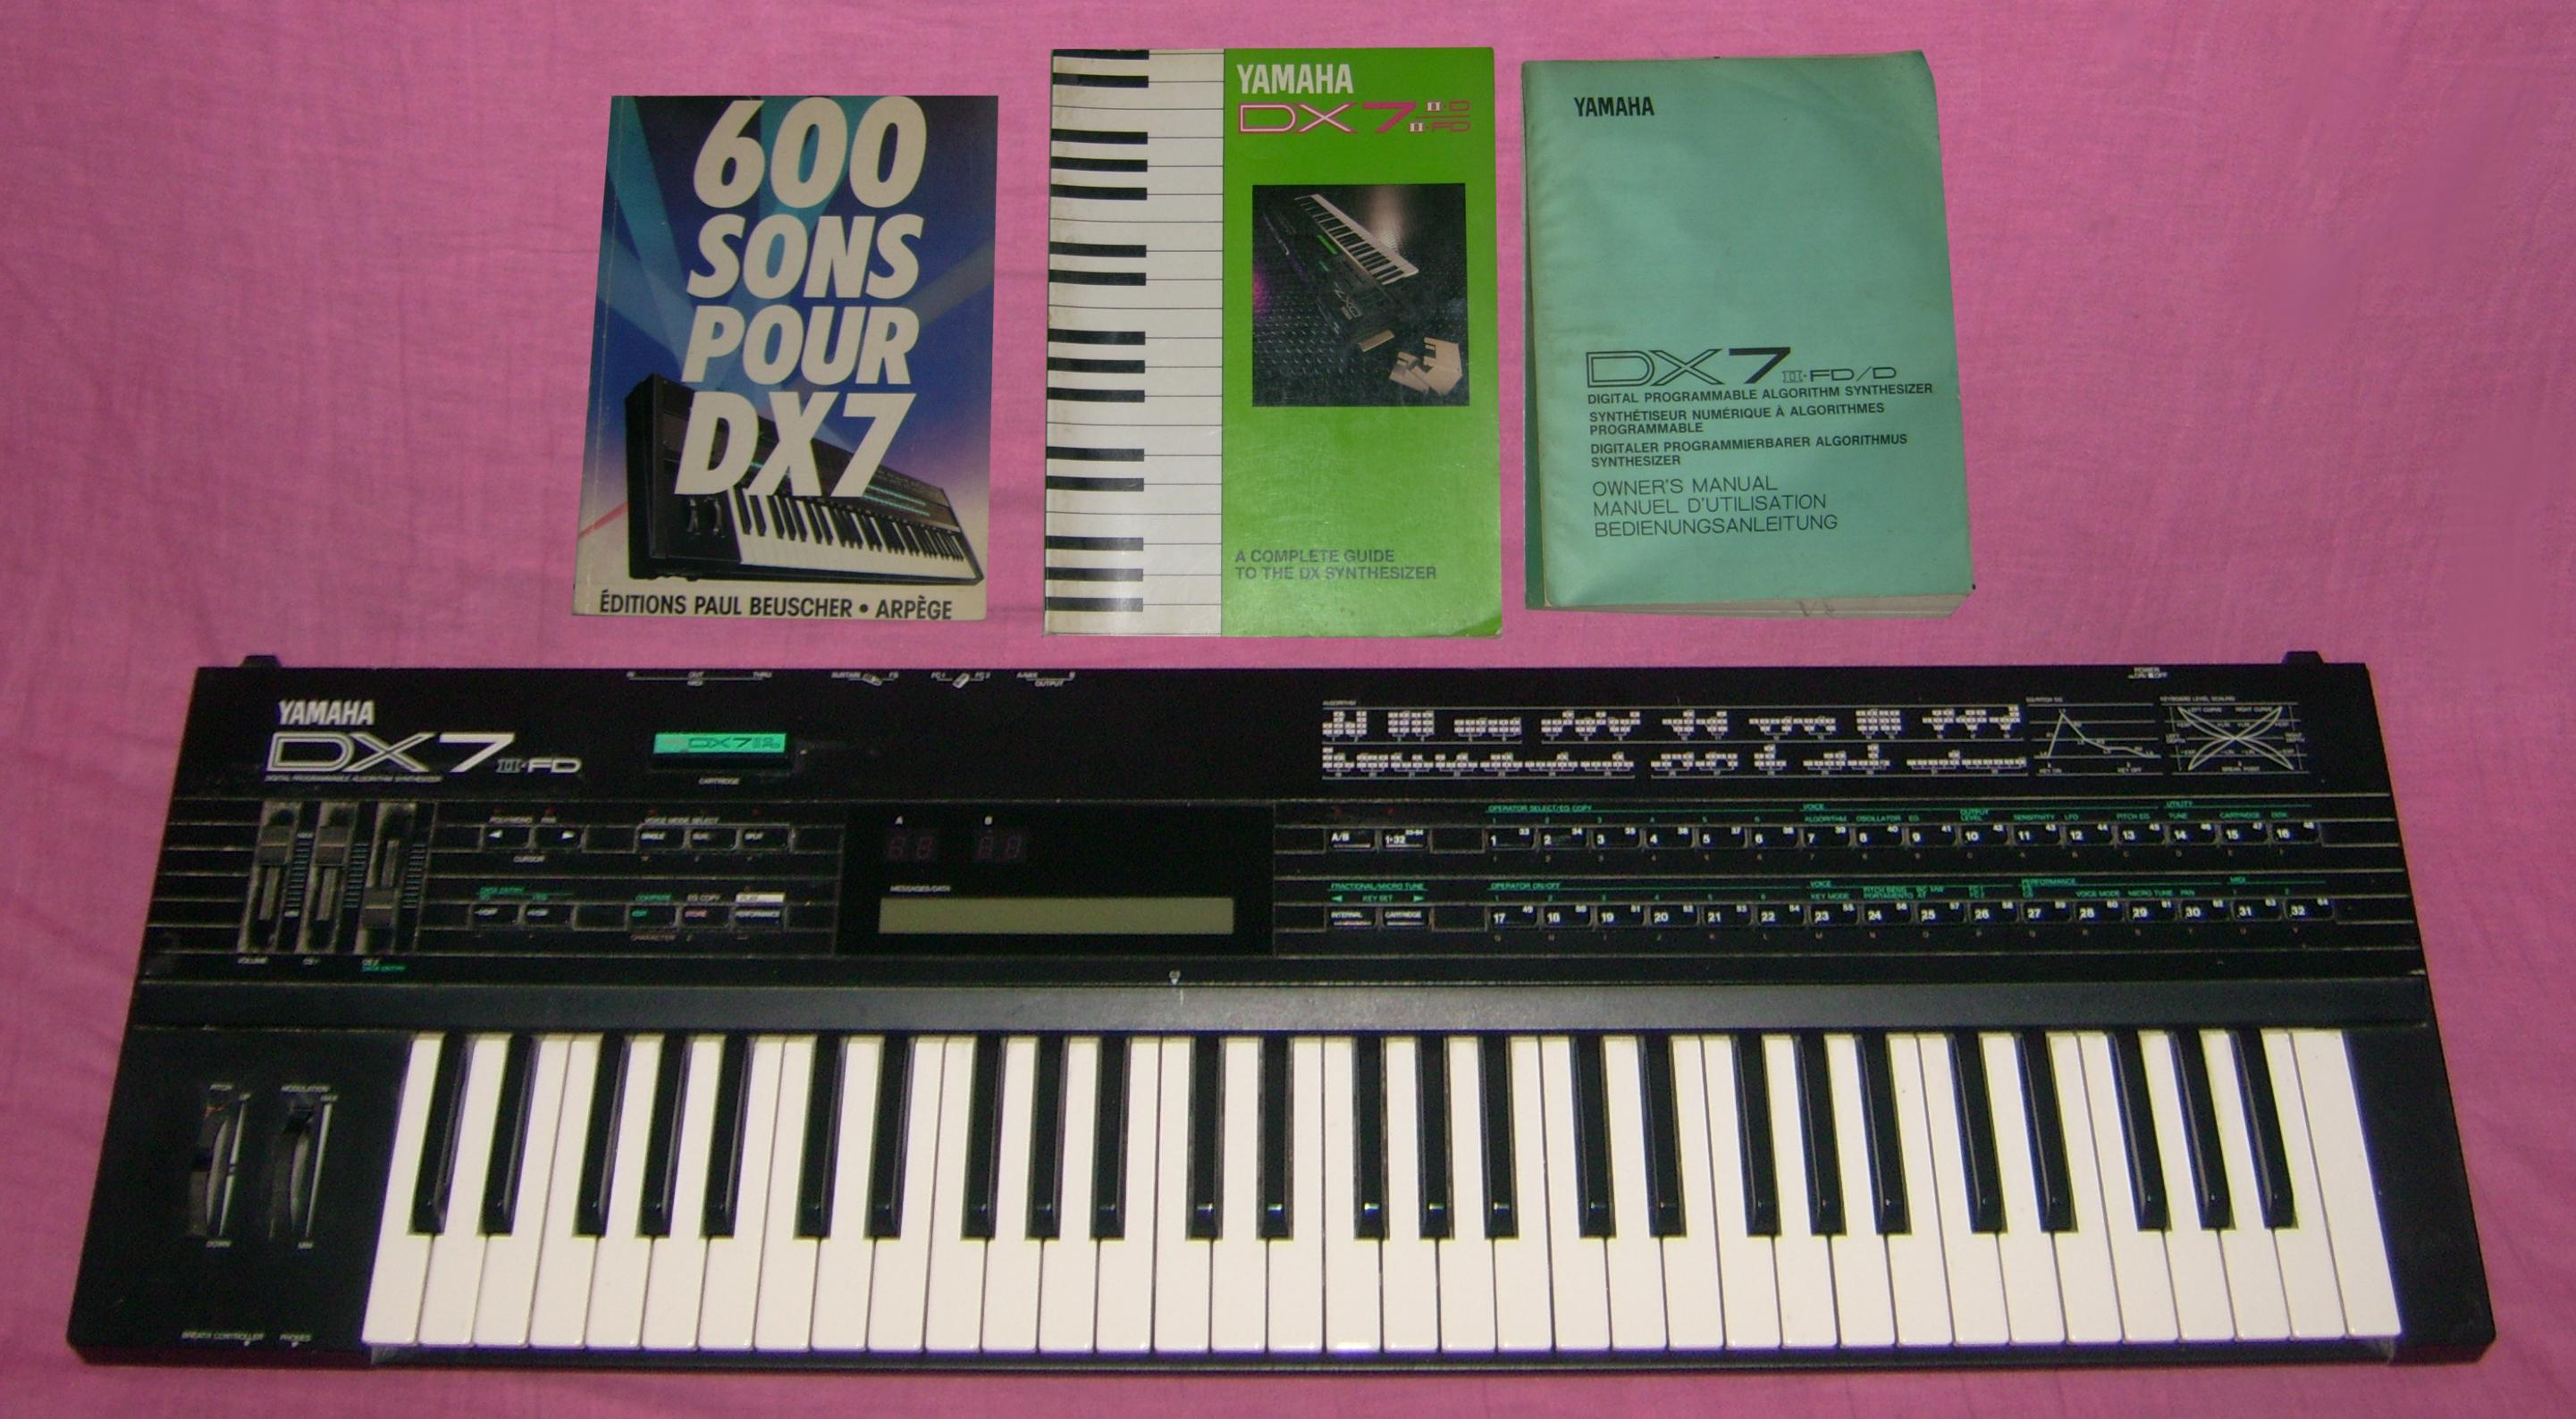 yamaha dx7 iifd image 338667 audiofanzine rh en audiofanzine com Yamaha DX7 Sounds Yamaha DX7 Sounds